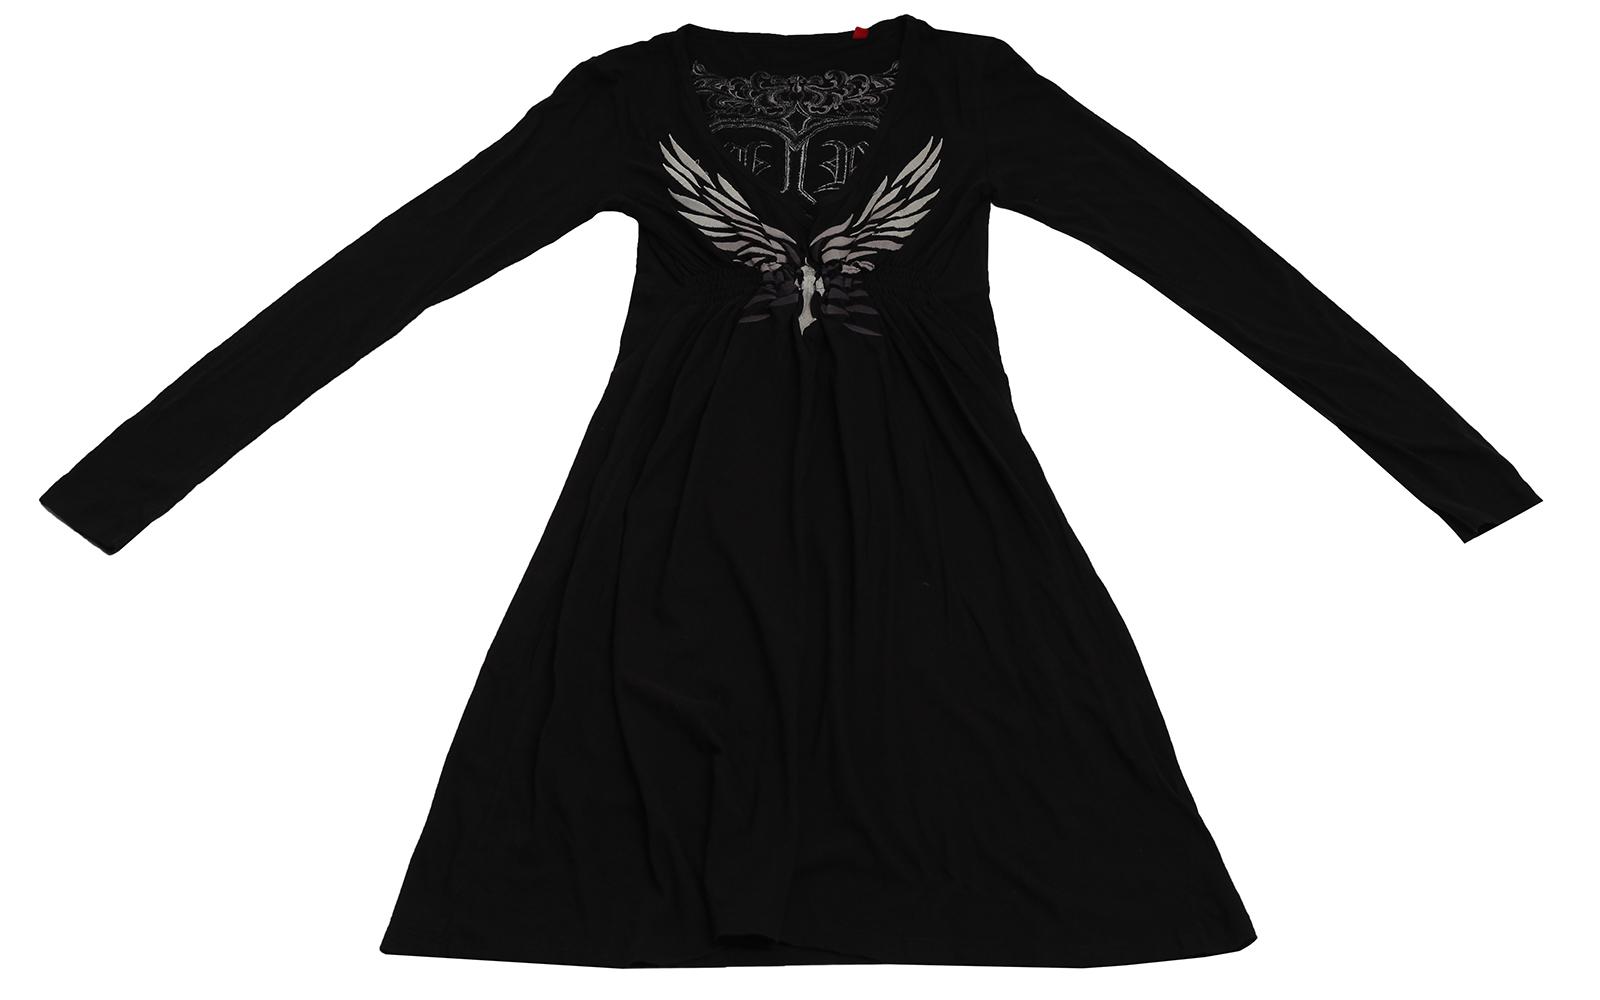 Модное платье Rock&Roll - удобная и стильная модель из 100% хлопка